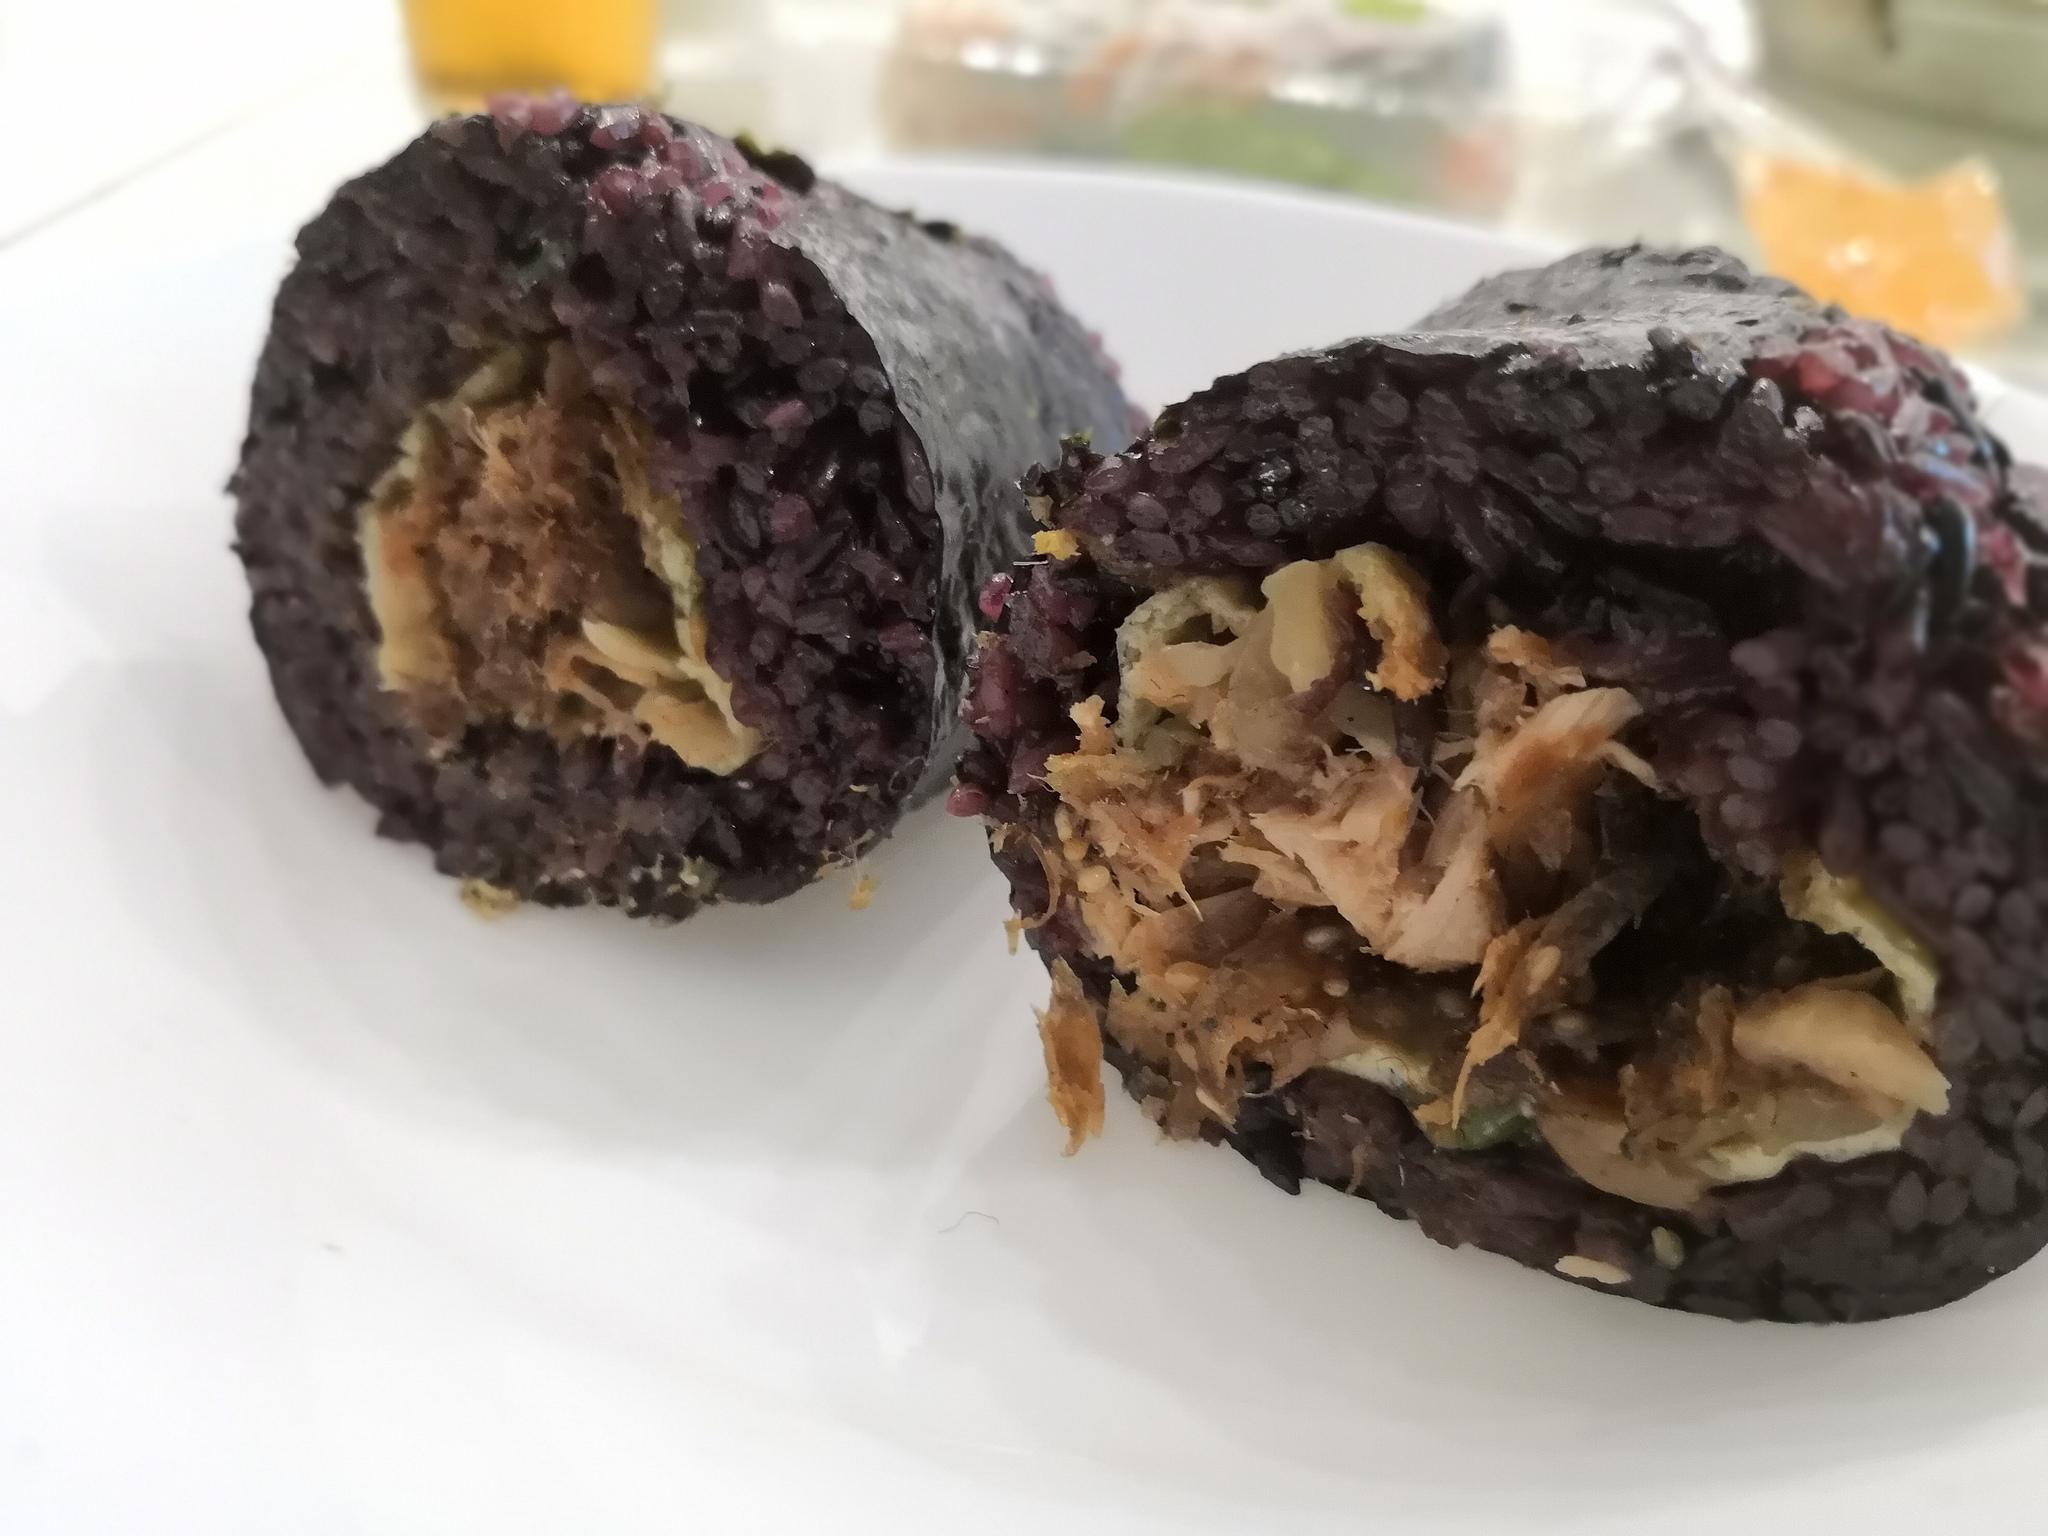 【台湾】青島飯糰(チンダオファントァン)@紫米を使った台湾おにぎりで屋台な朝食を!黒米飯糰ナンバーワン的な人気。